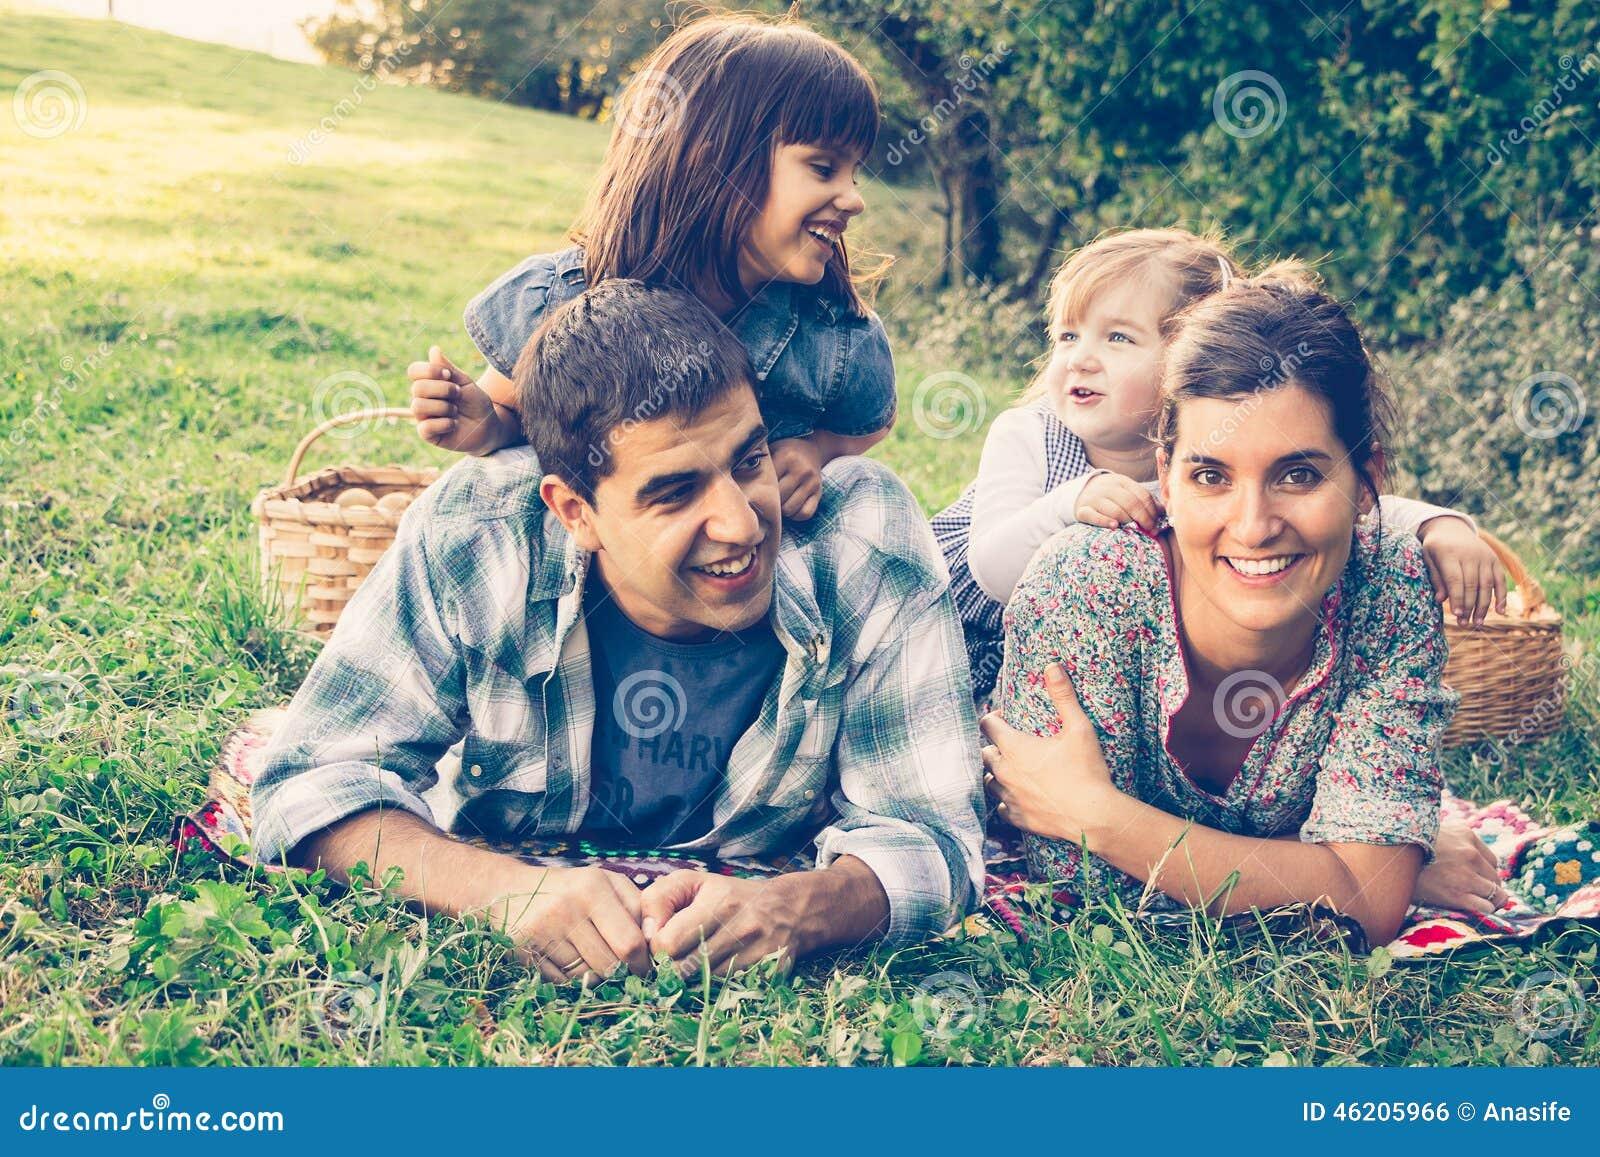 Ευτυχής τετραμελής οικογένεια που βρίσκεται στη χλόη το φθινόπωρο